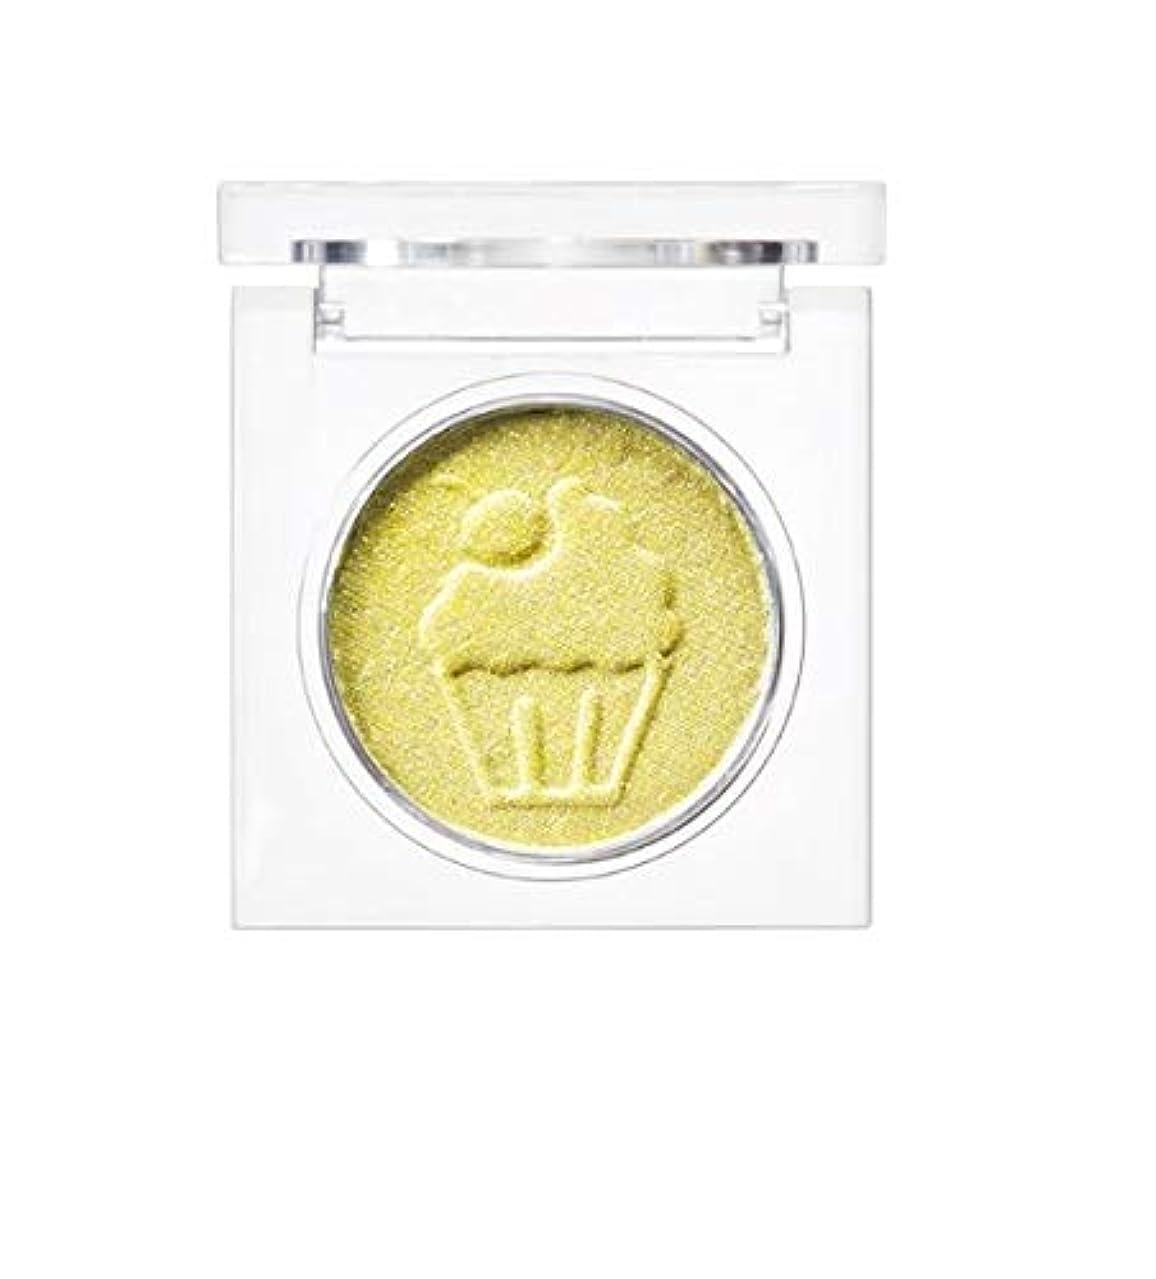 宣教師不良まばたきSkinfood 私のデザートパーティーアイシャドウ#G02ライムプリン / My Dessert Party Eyeshadow #G02 Lime Pudding [並行輸入品]